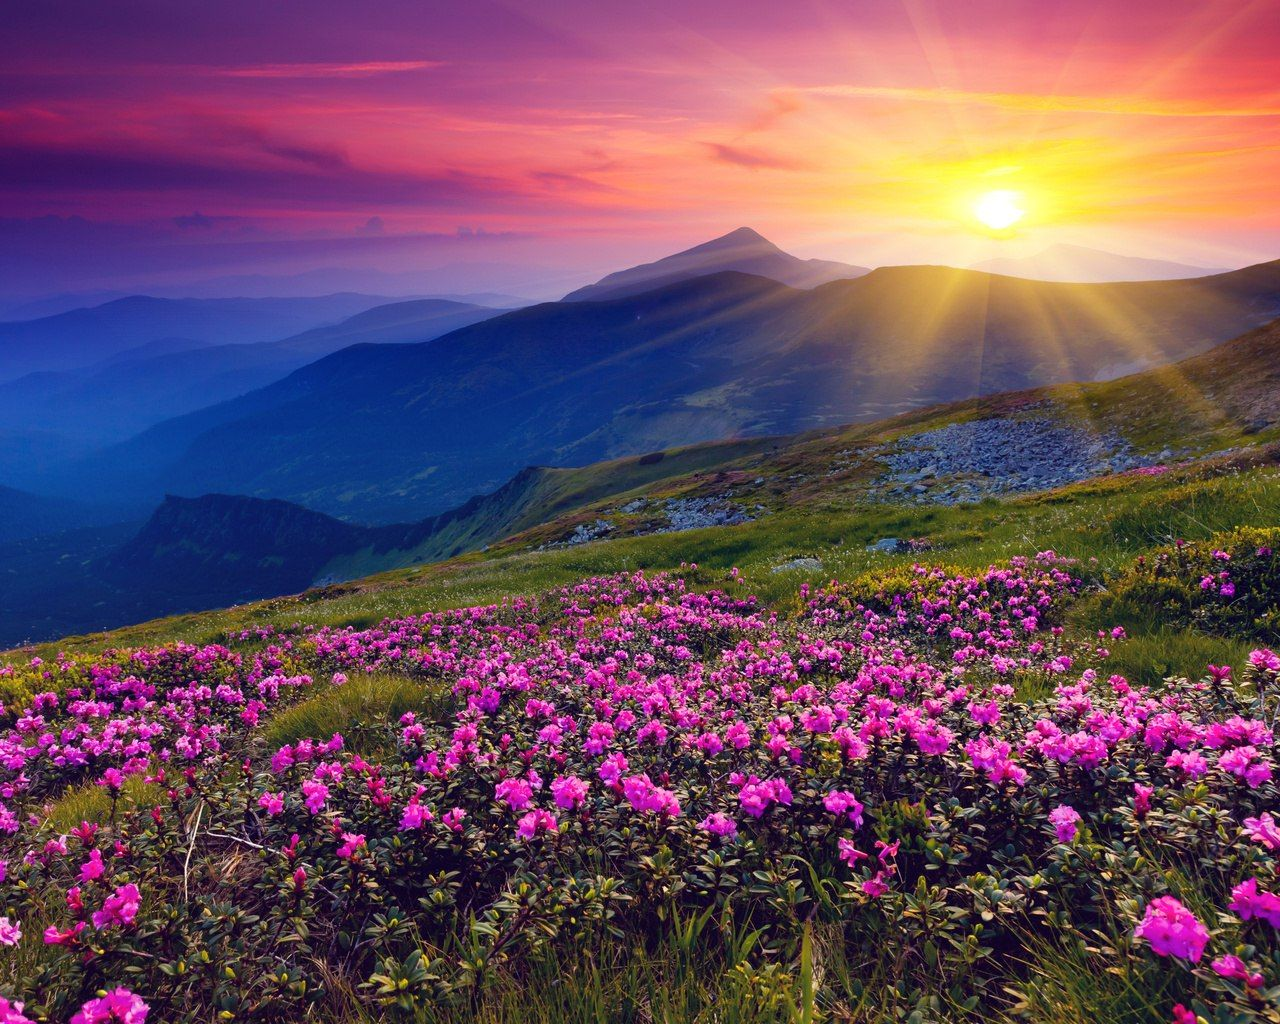 Красивые фотографии природы | Горный пейзаж, Пейзажи ...